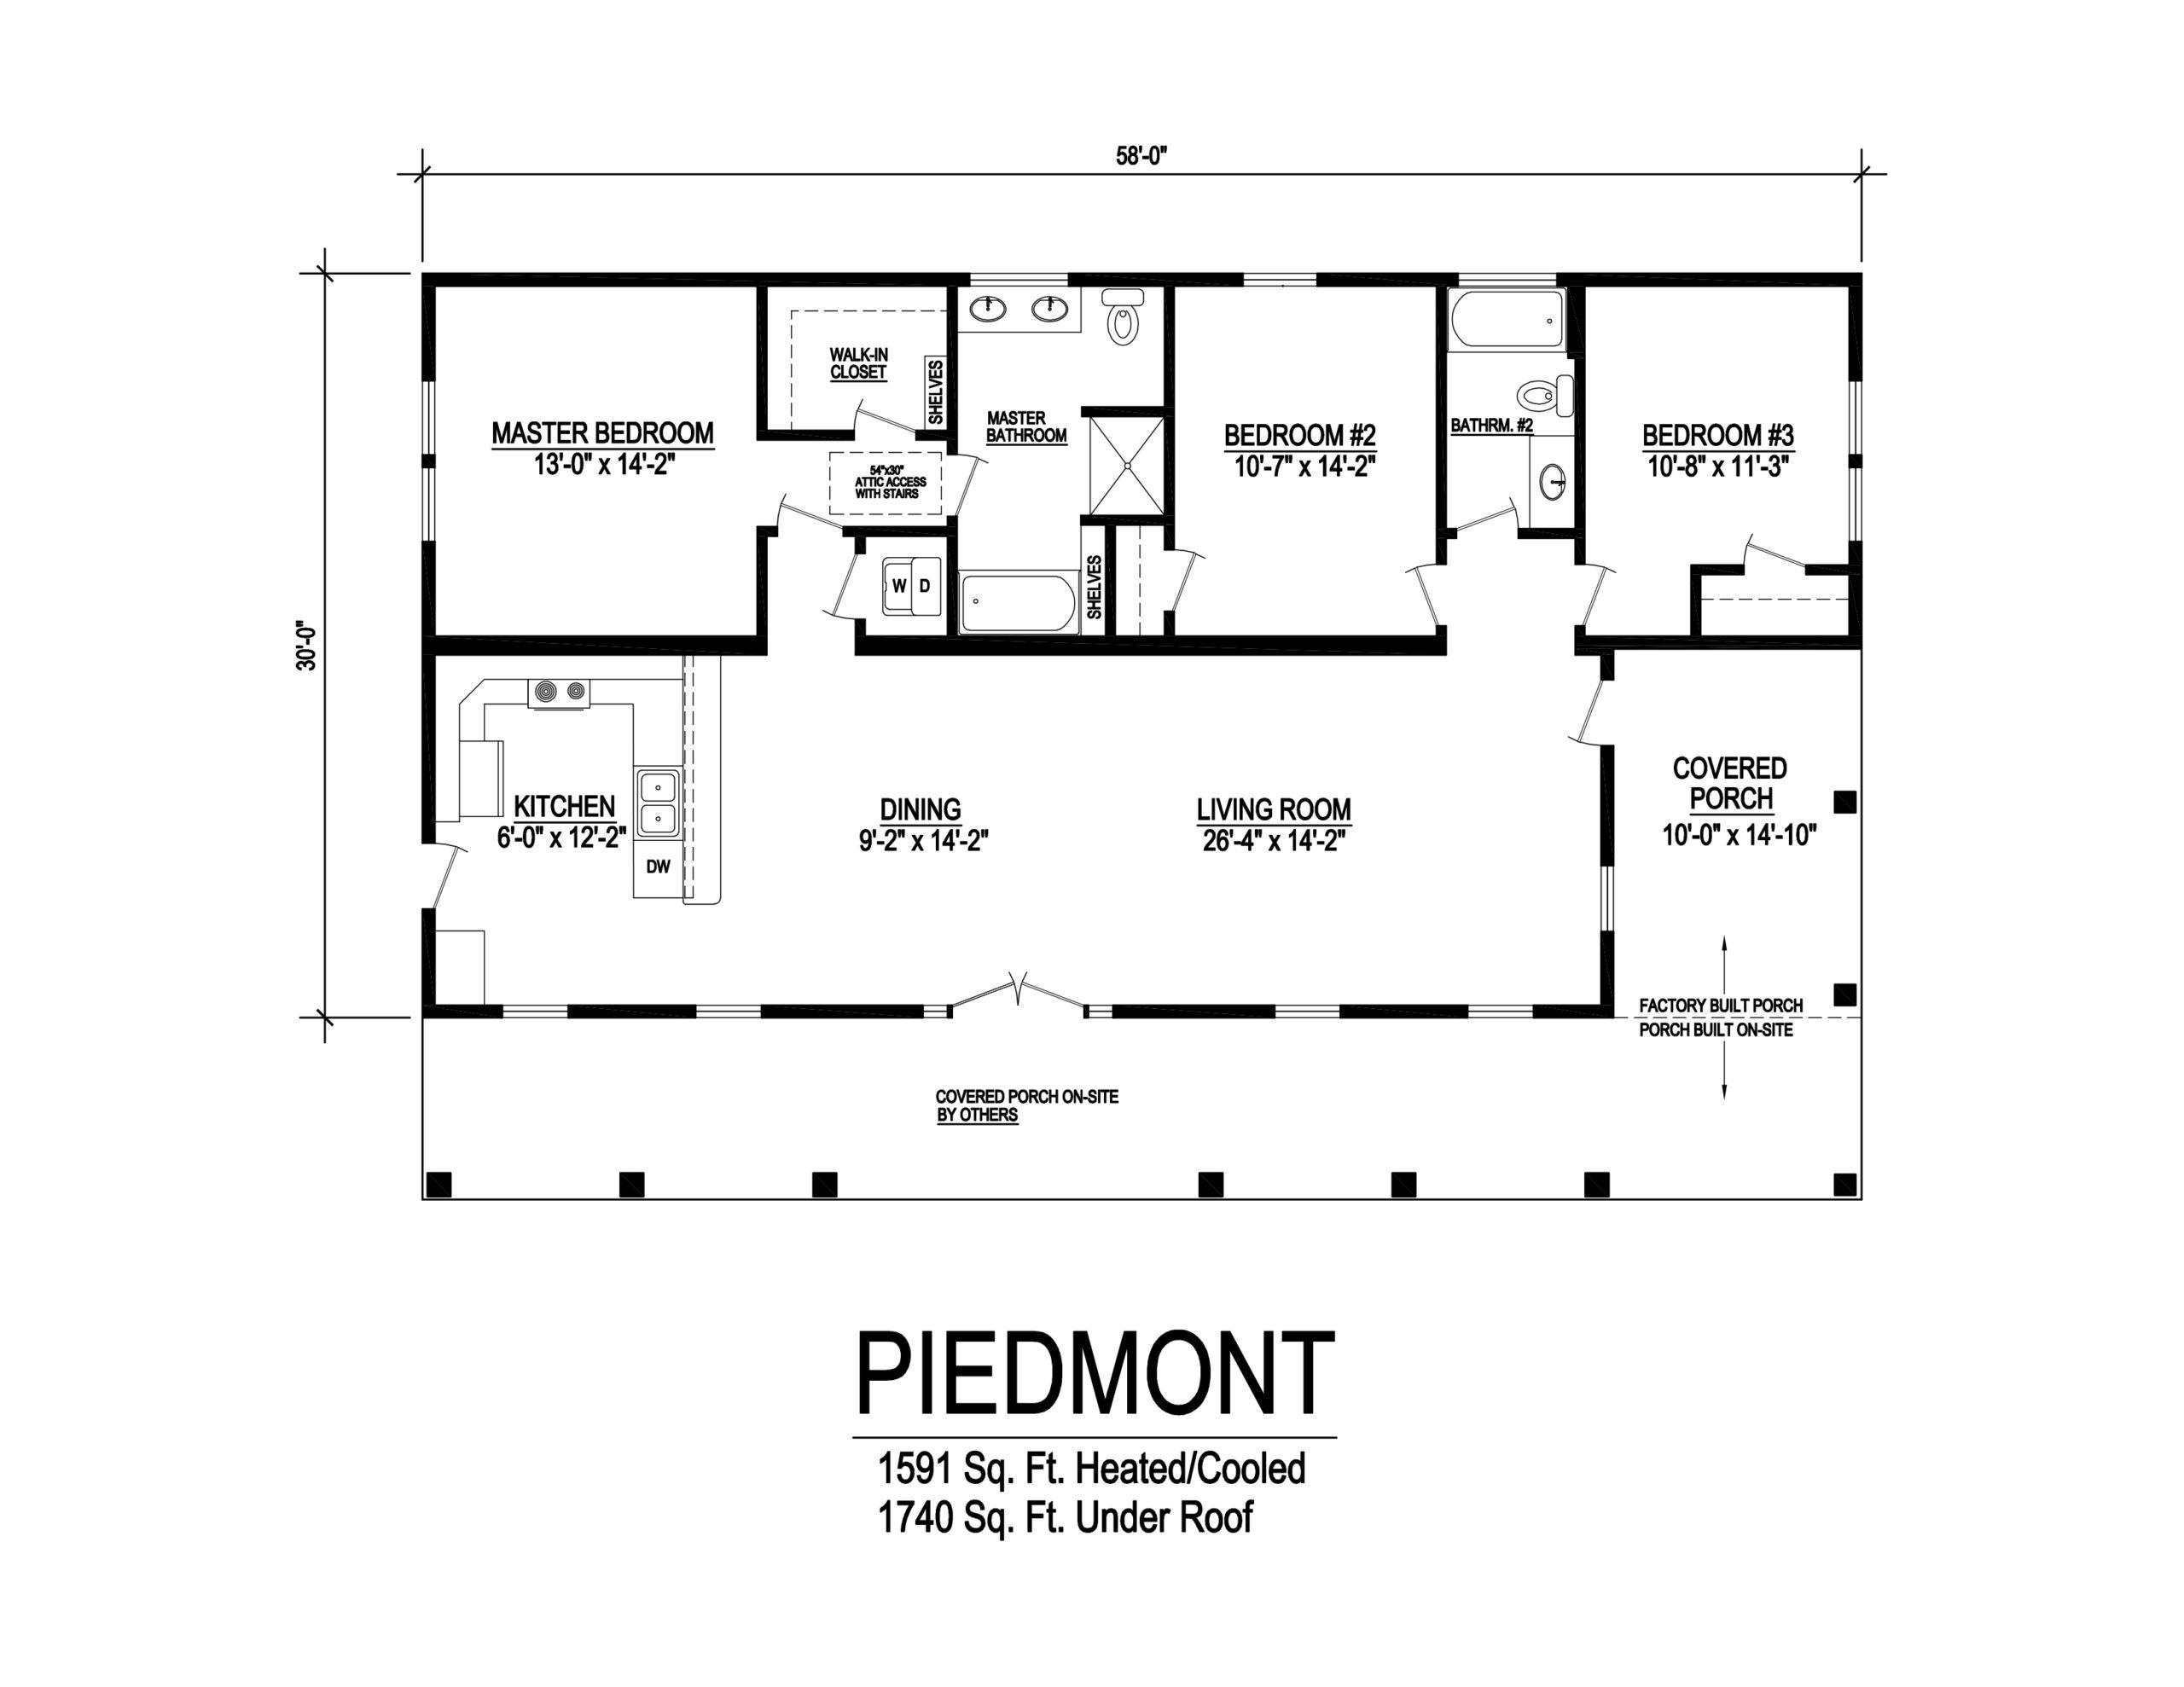 piedmont modular home floor plan